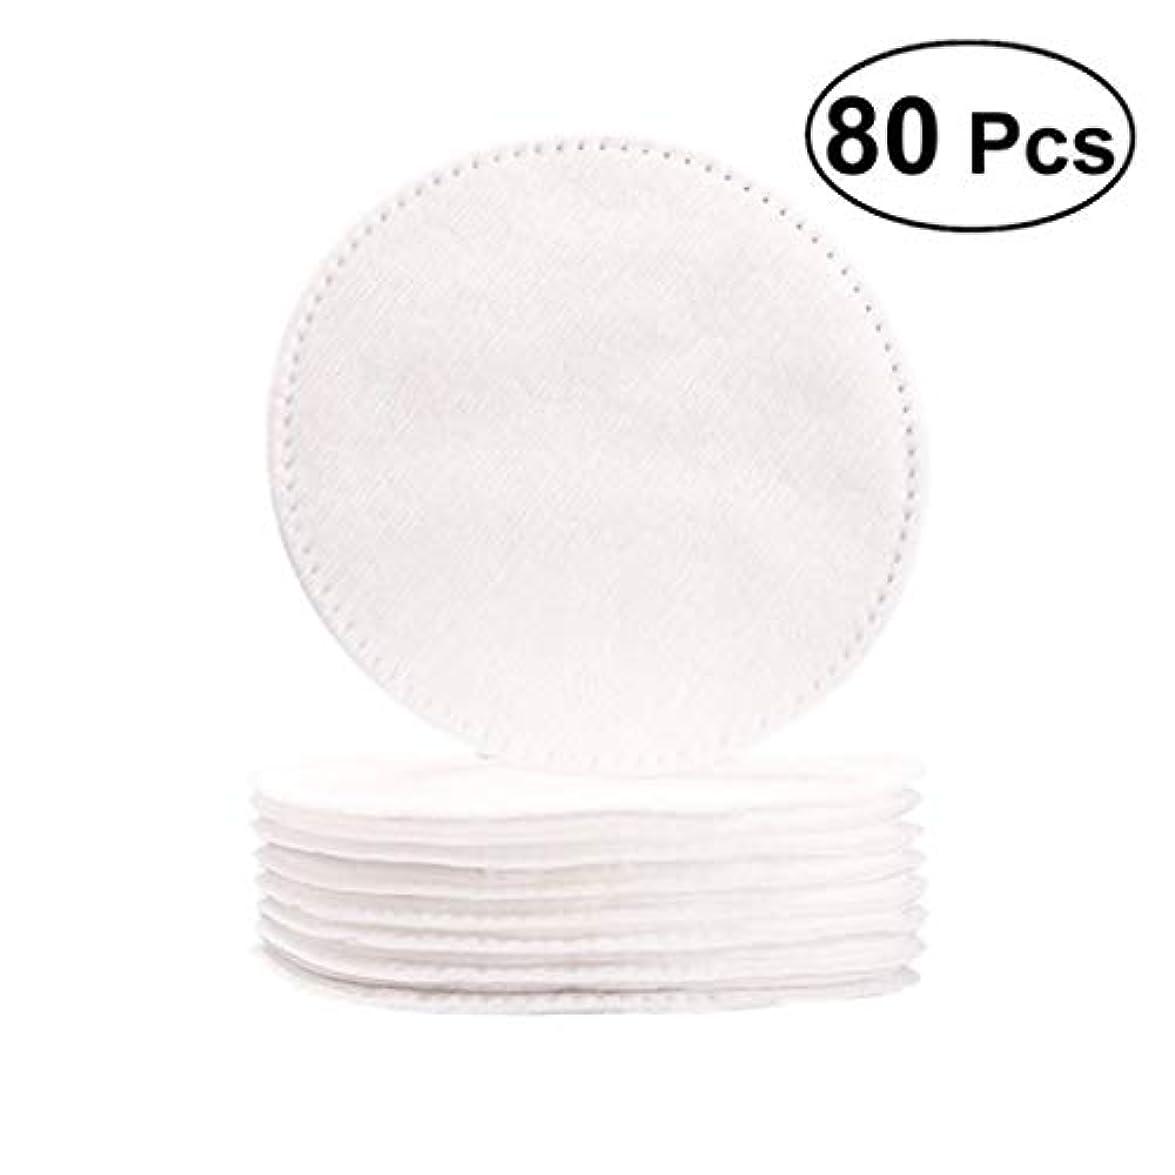 提供する経験者なるクレンジングシート 80ピースコットンパッド使い捨てダブルフェイスクレンジングクリーニングパッドフェイシャルコットンシートネイルスキンケアコットンパッド (Color : White, サイズ : 5.5cm)